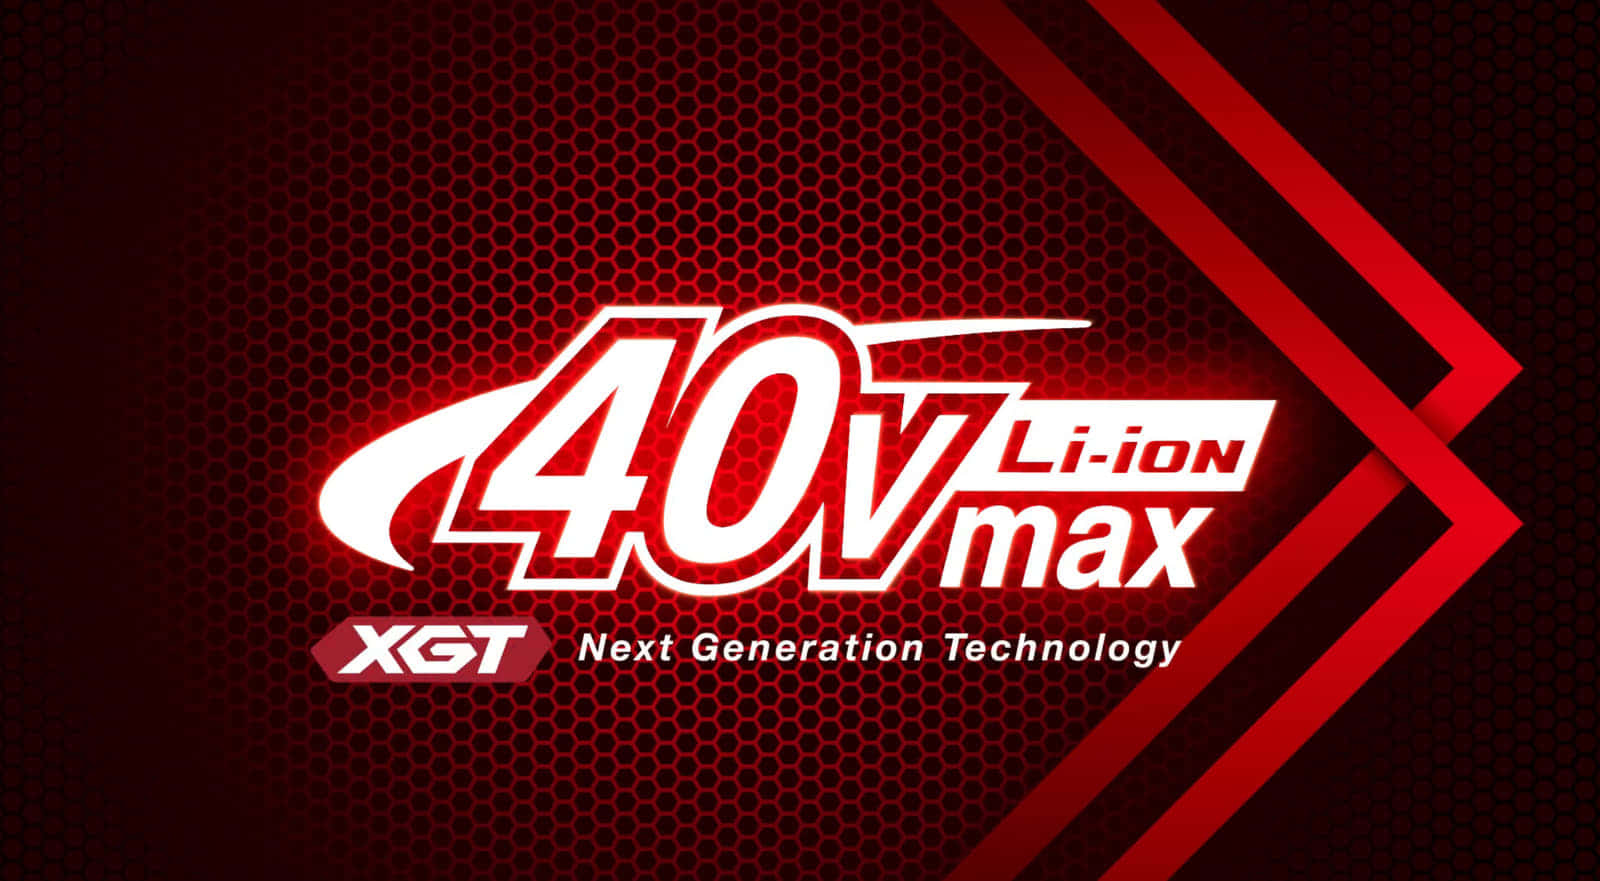 マキタが40Vmaxシリーズを新しく展開した理由【電動工具コラム】